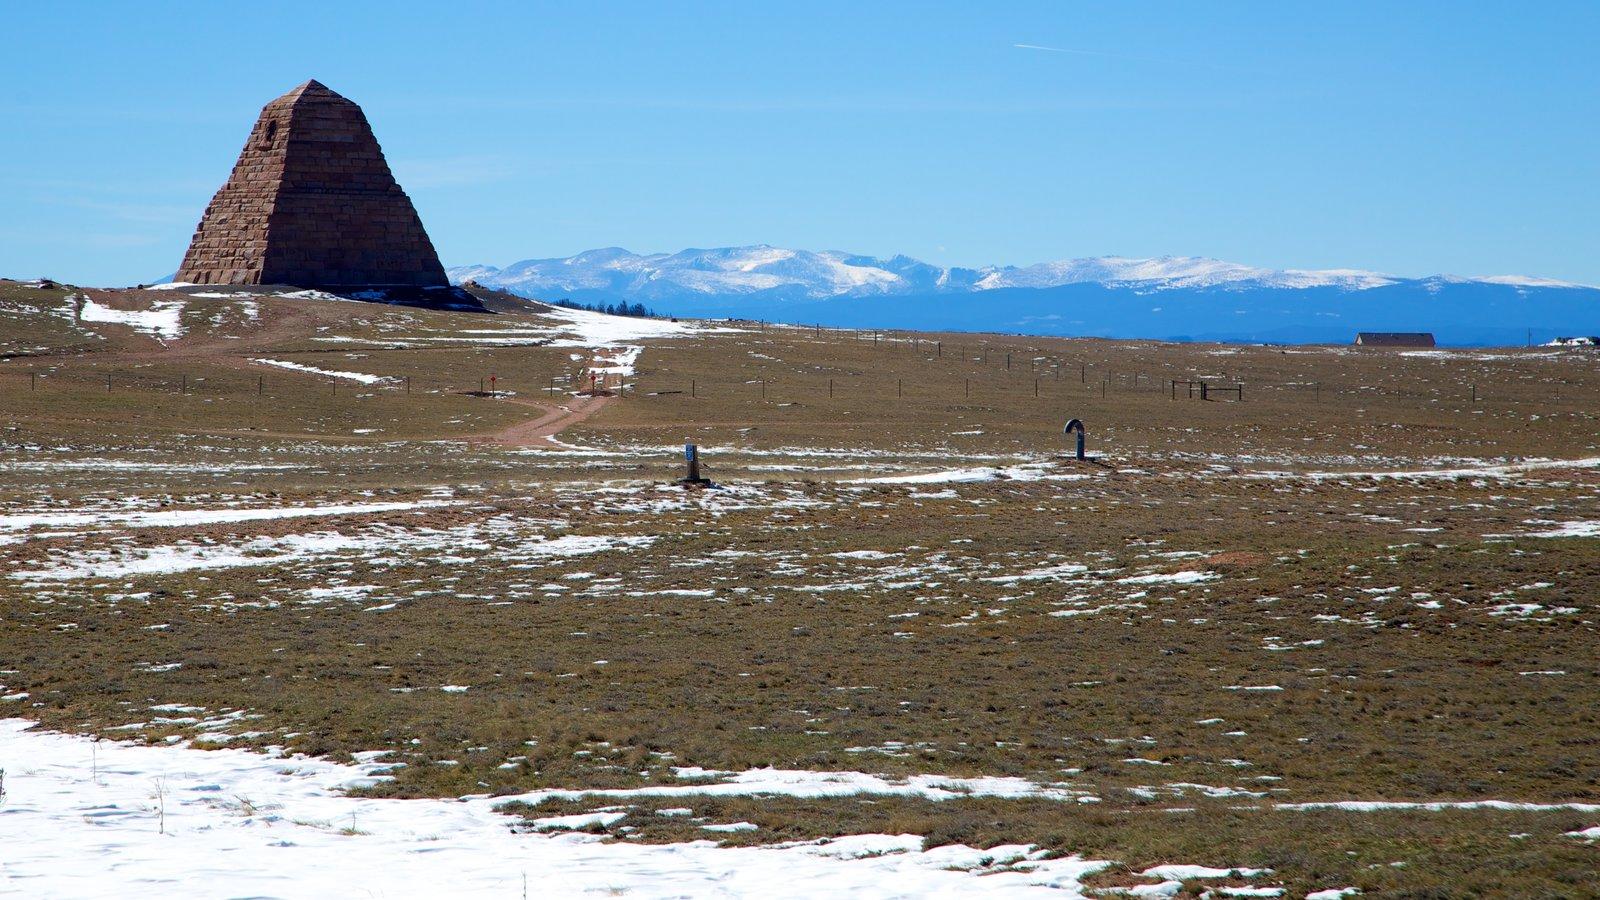 Laramie ofreciendo nieve, escenas tranquilas y un monumento